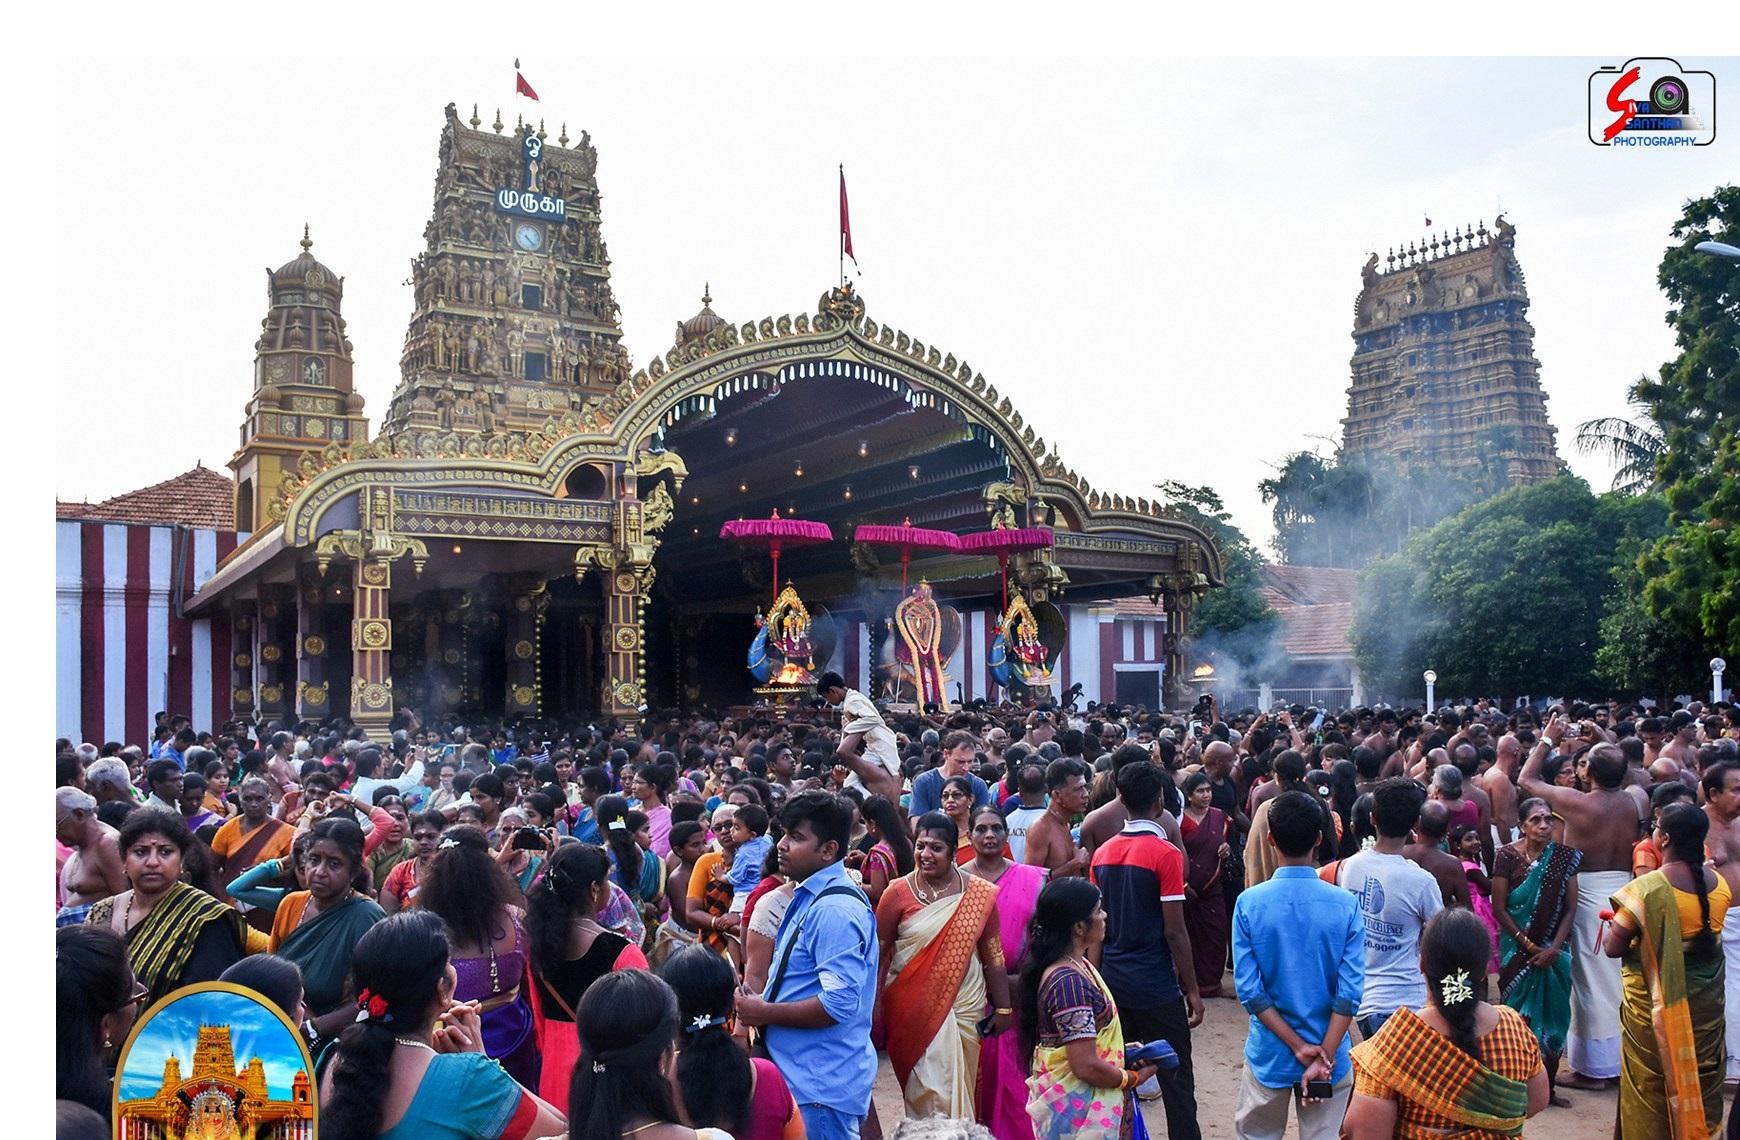 நல்லூர் கந்தசுவாமி கோவில் 18ம் திருவிழா – 14.08.2017